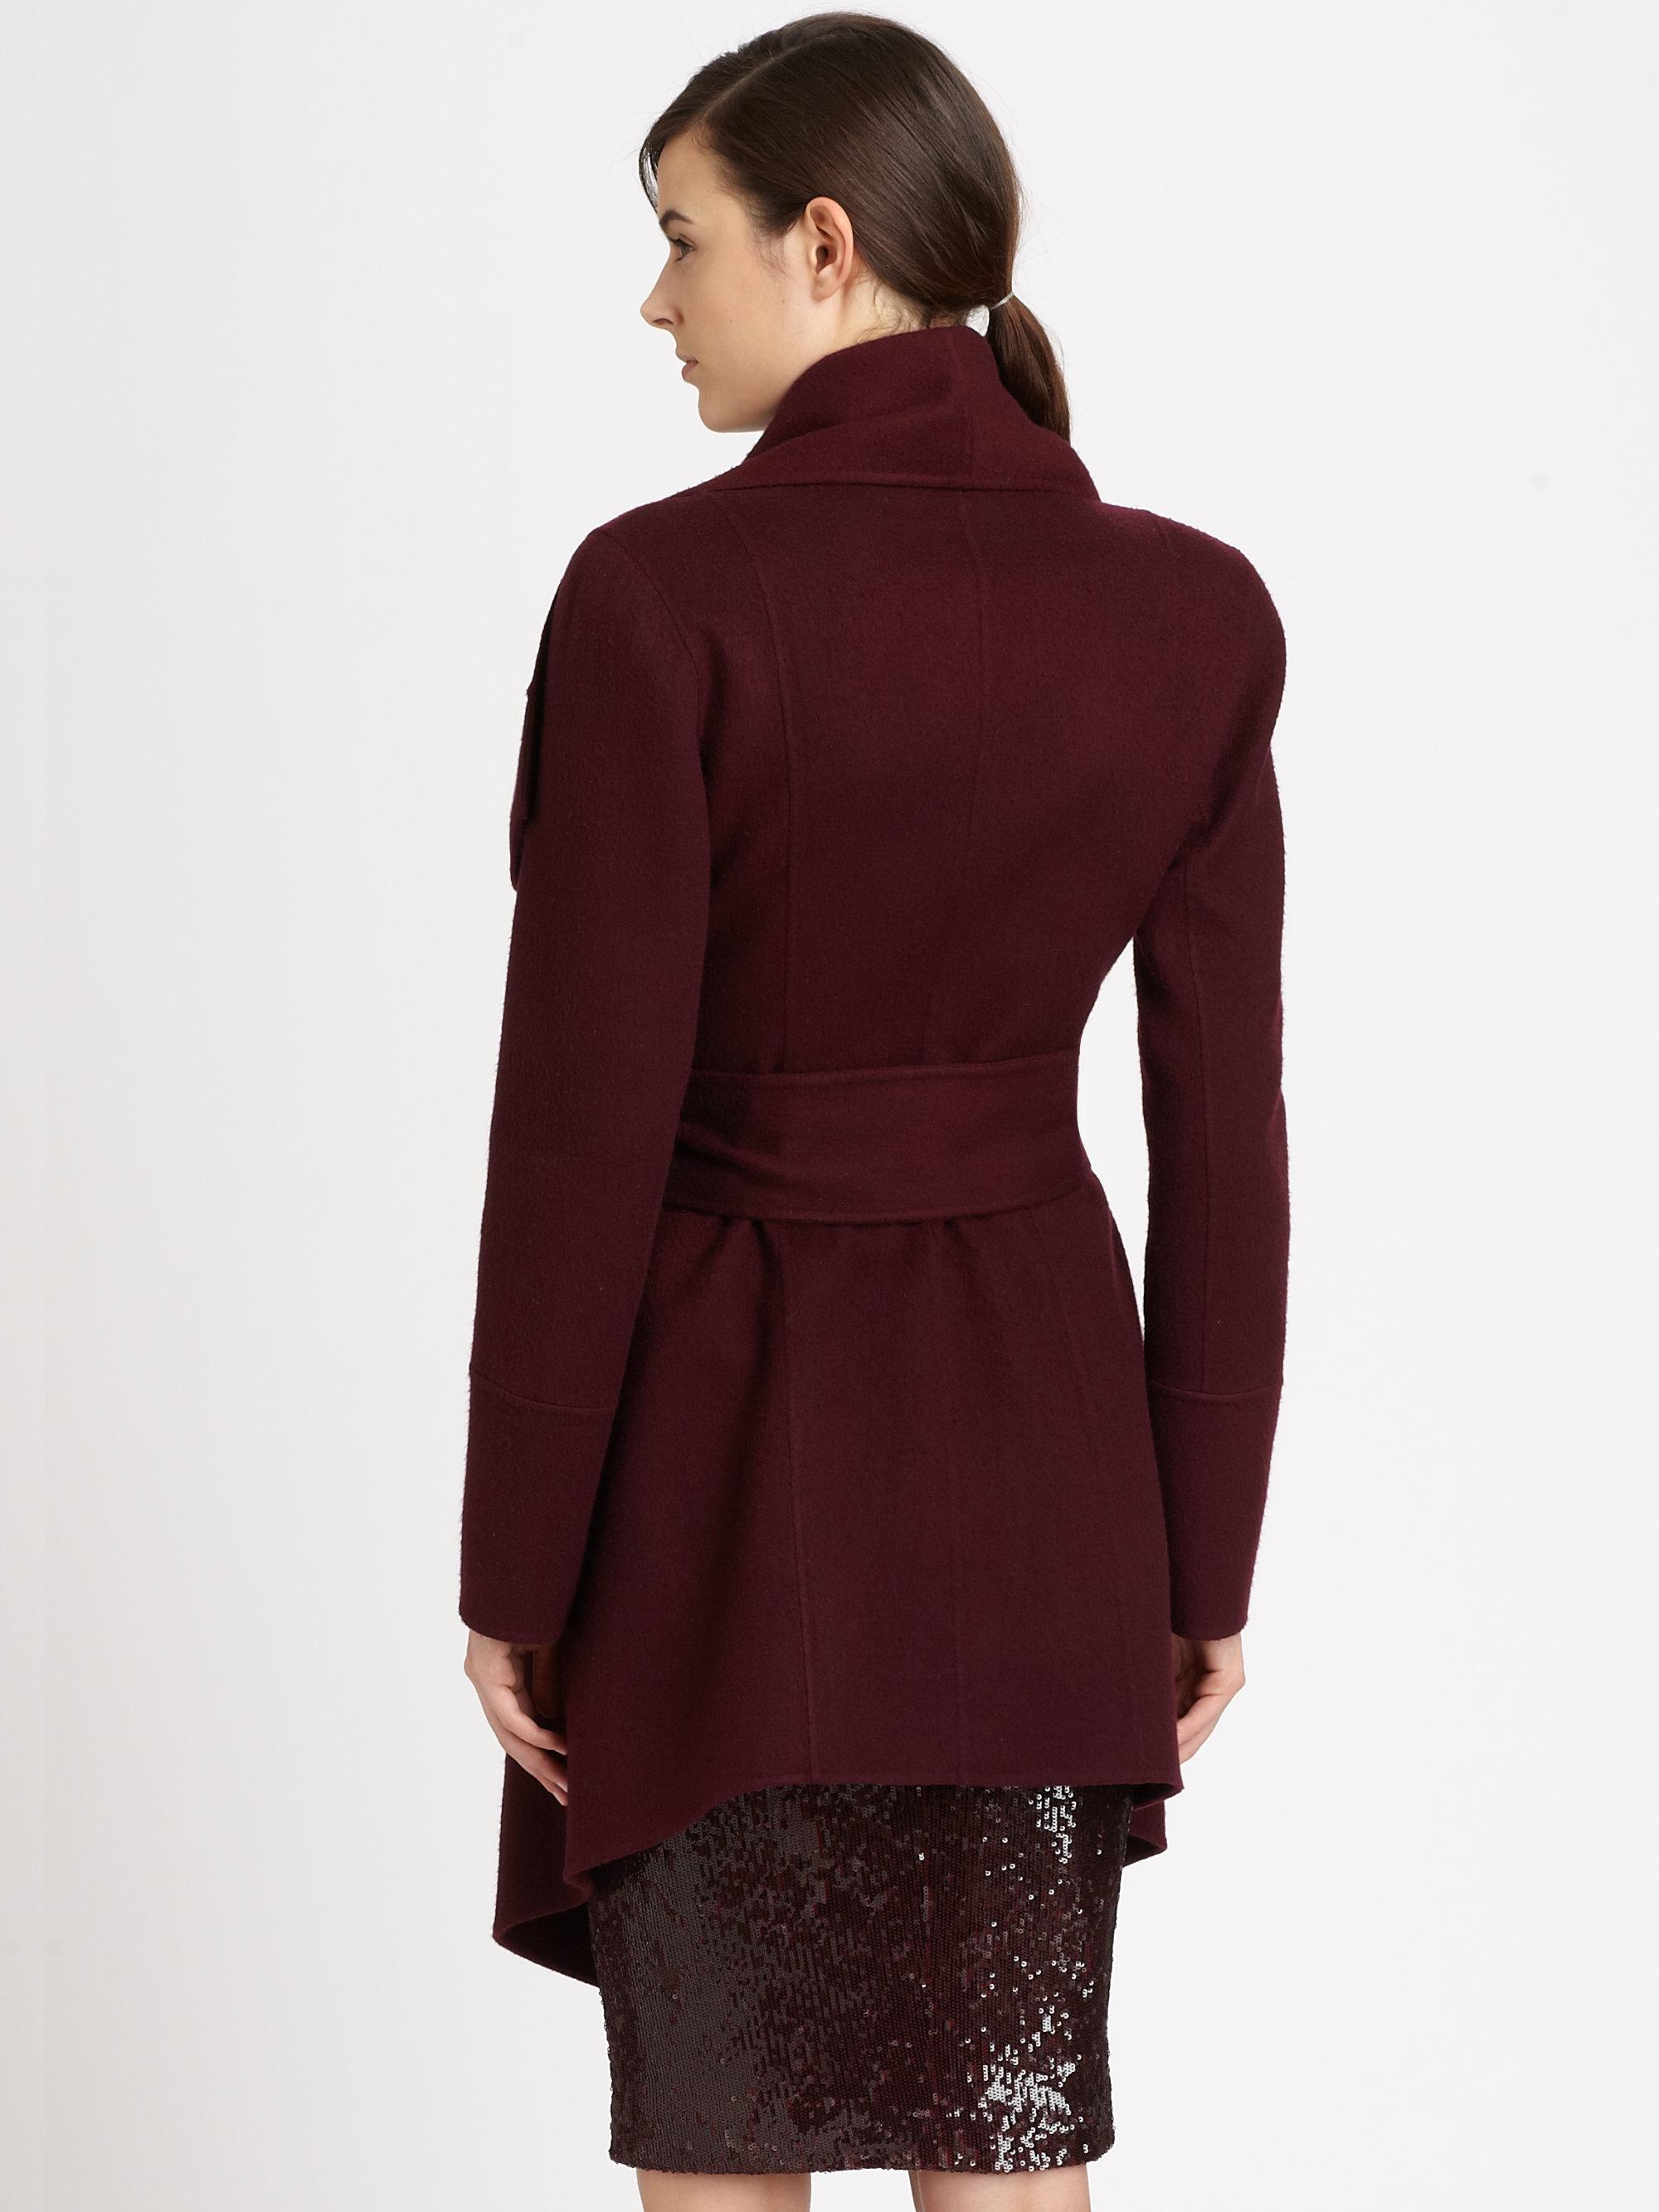 donna karan draped cashmere coat in red lyst. Black Bedroom Furniture Sets. Home Design Ideas